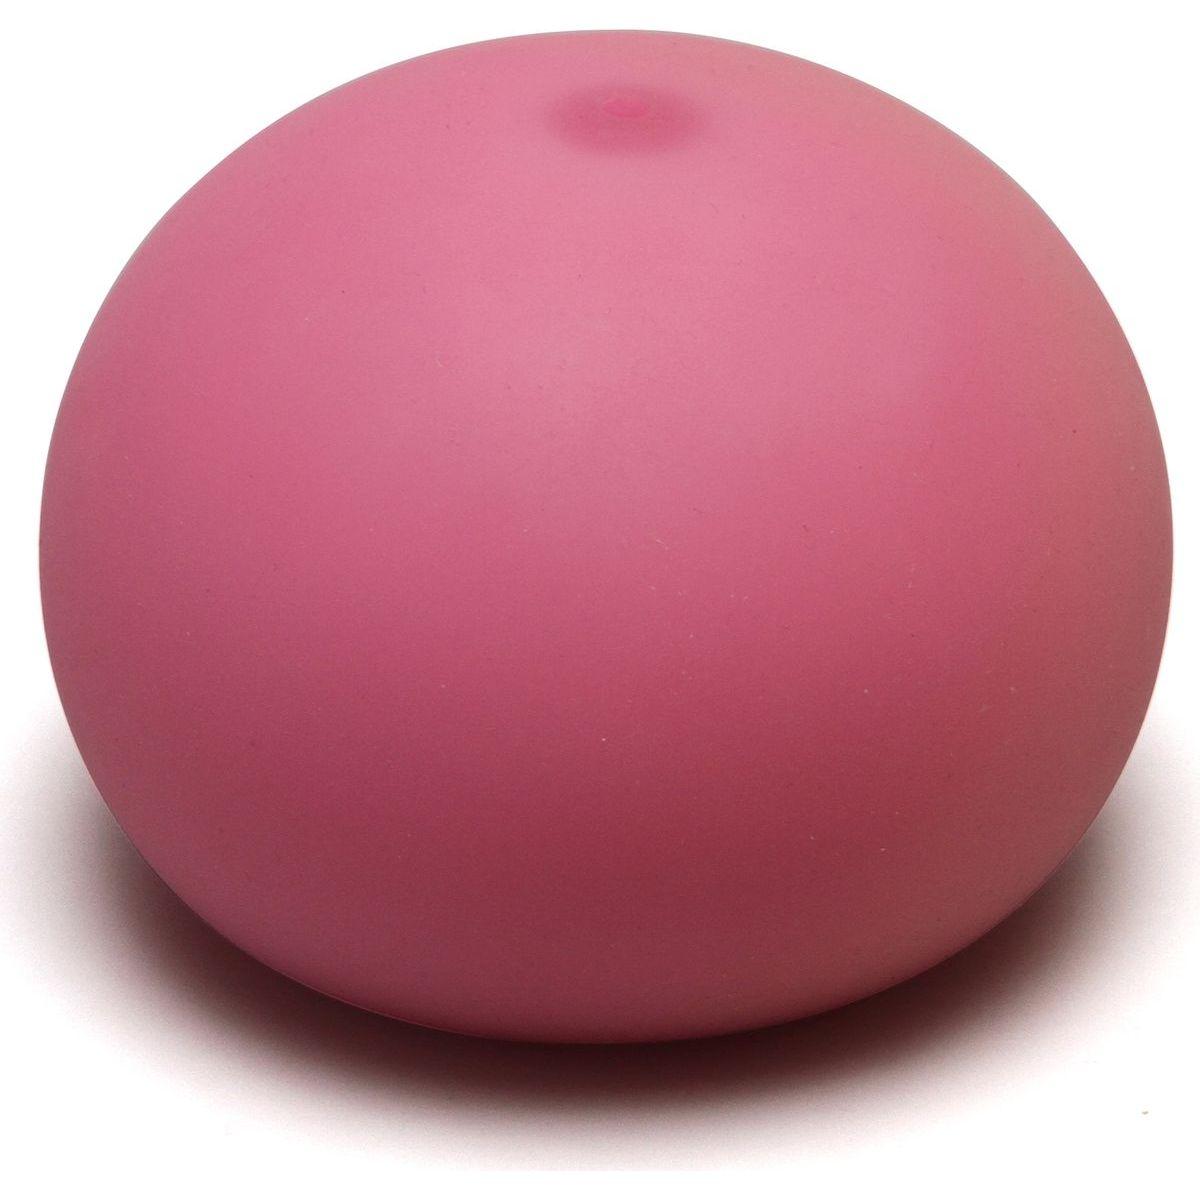 Antistresový míček 11cm svítící ve tmě růžový